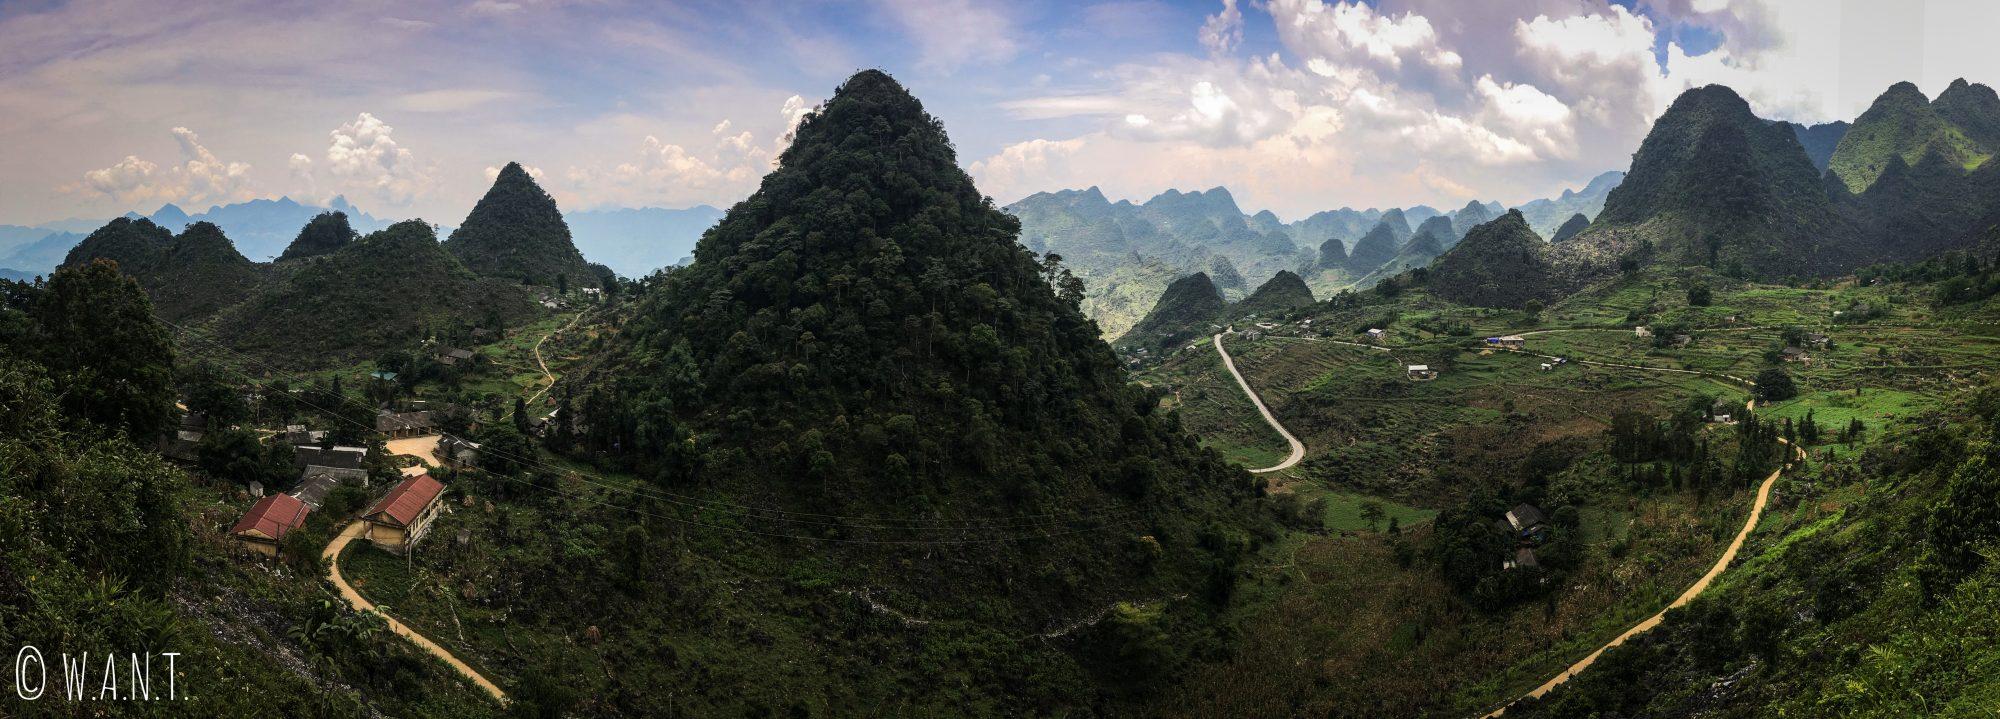 Panorama sur la route entre Meo Vac et Yen Minh